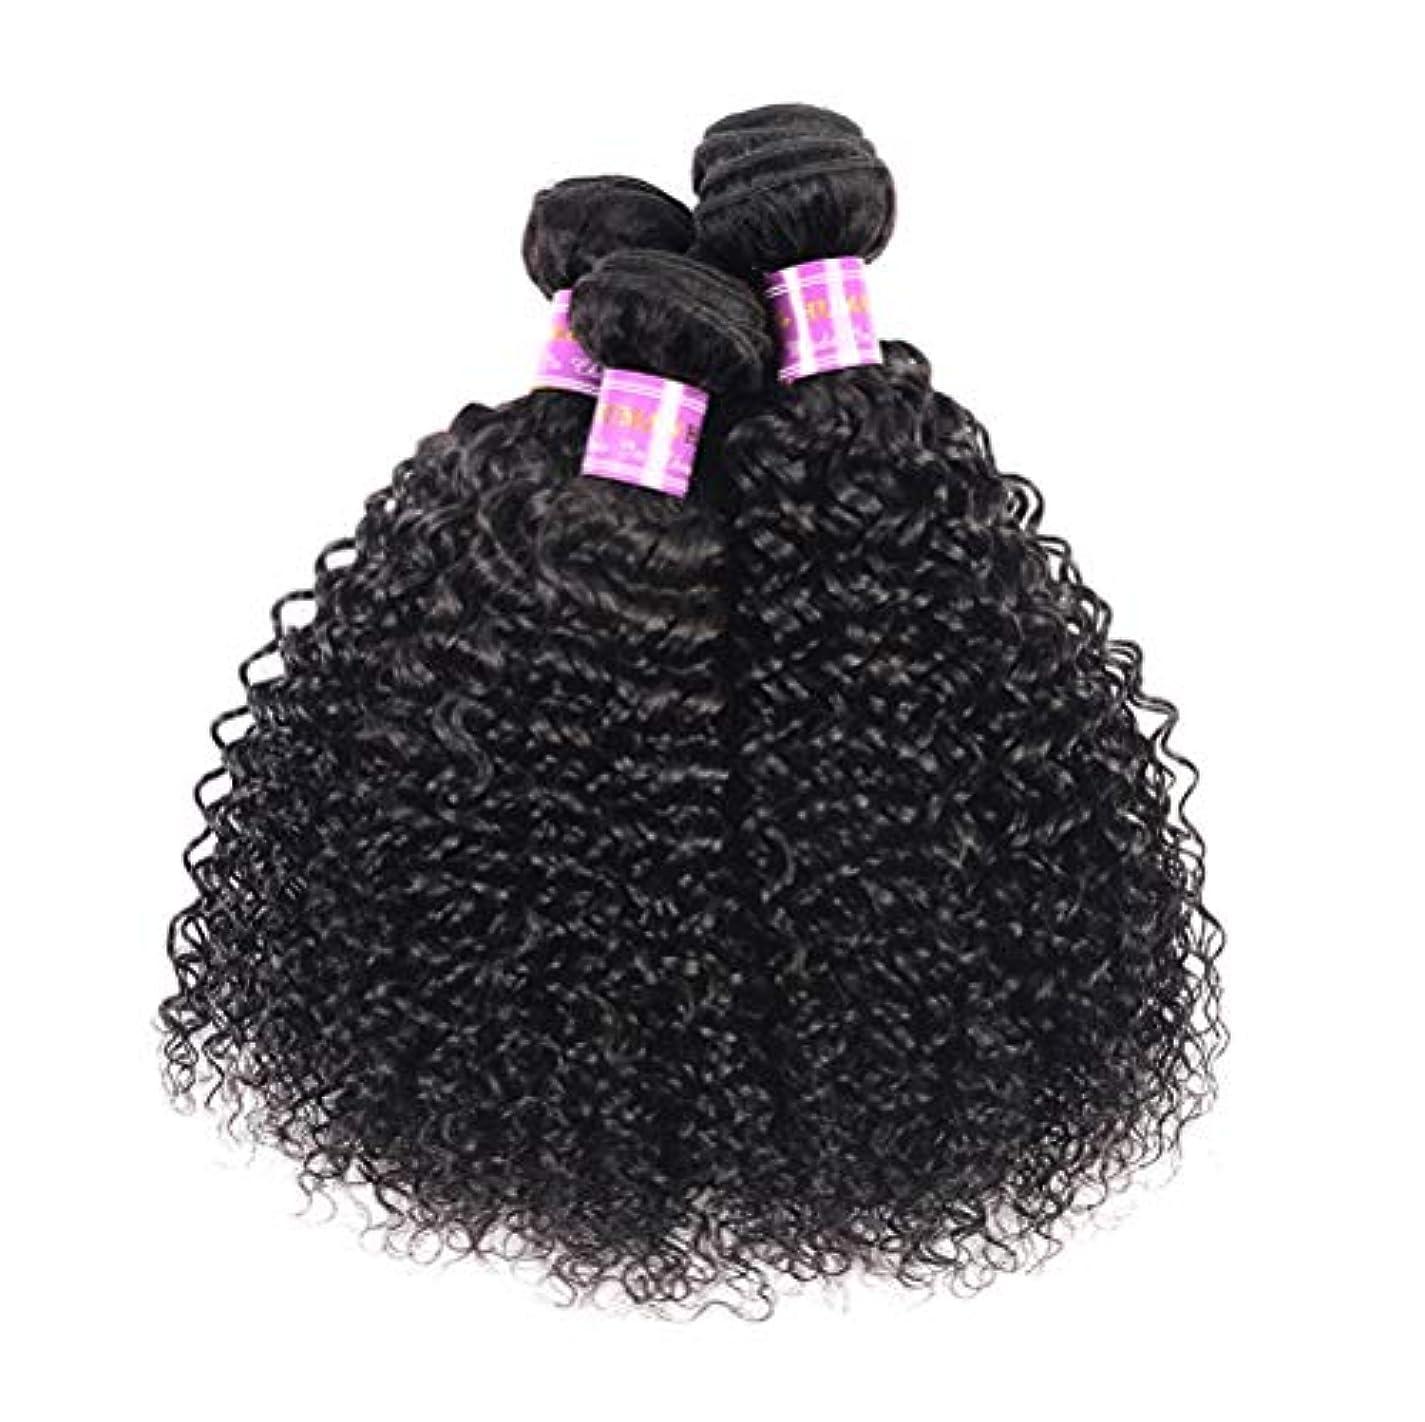 盆乳製品ウッズ髪織り8a変態カーリーヘアー1バンドル人間の髪織り未処理ブラジルレミーバージンレミー髪